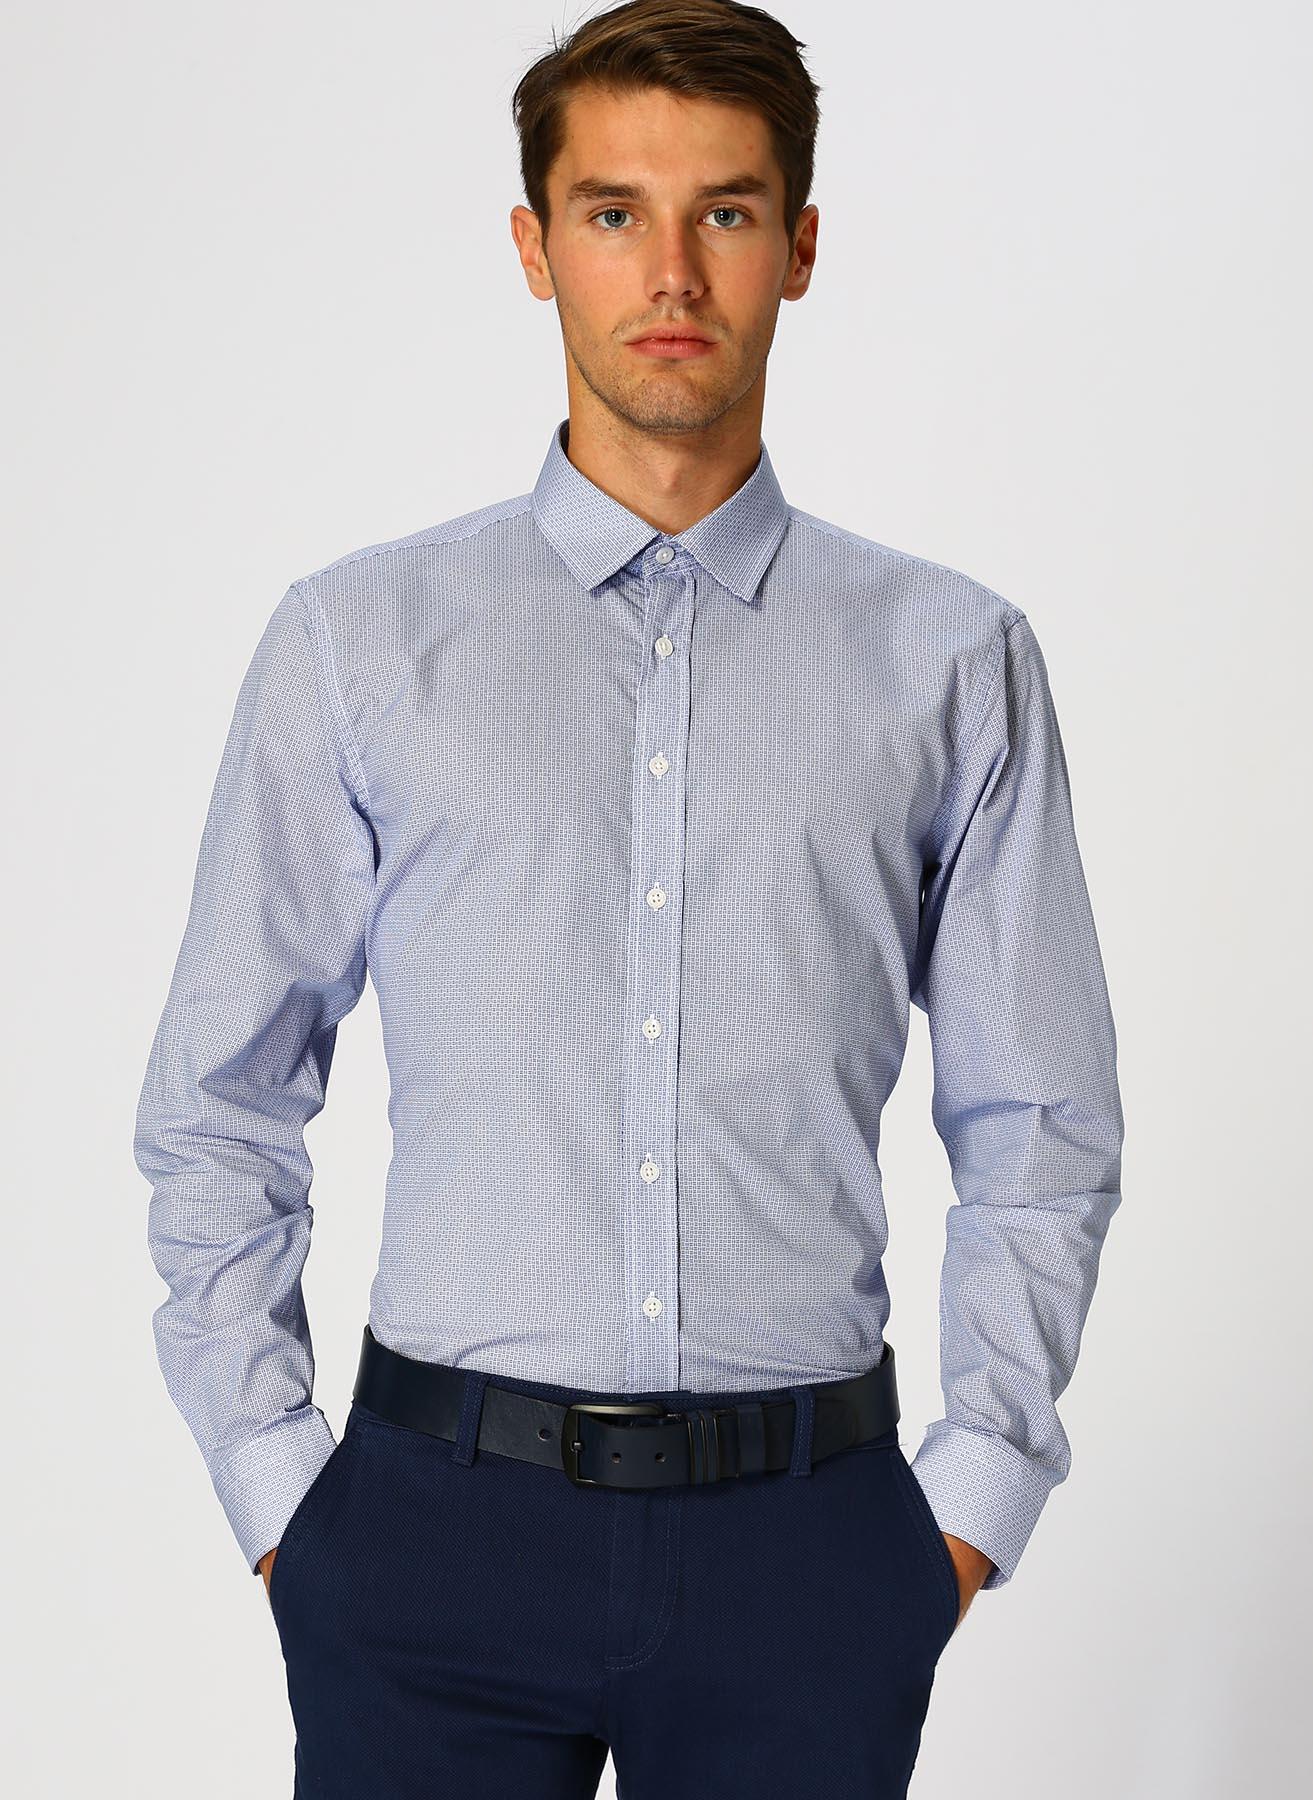 Network Beyaz - Mavi Gömlek 44 5001699161006 Ürün Resmi